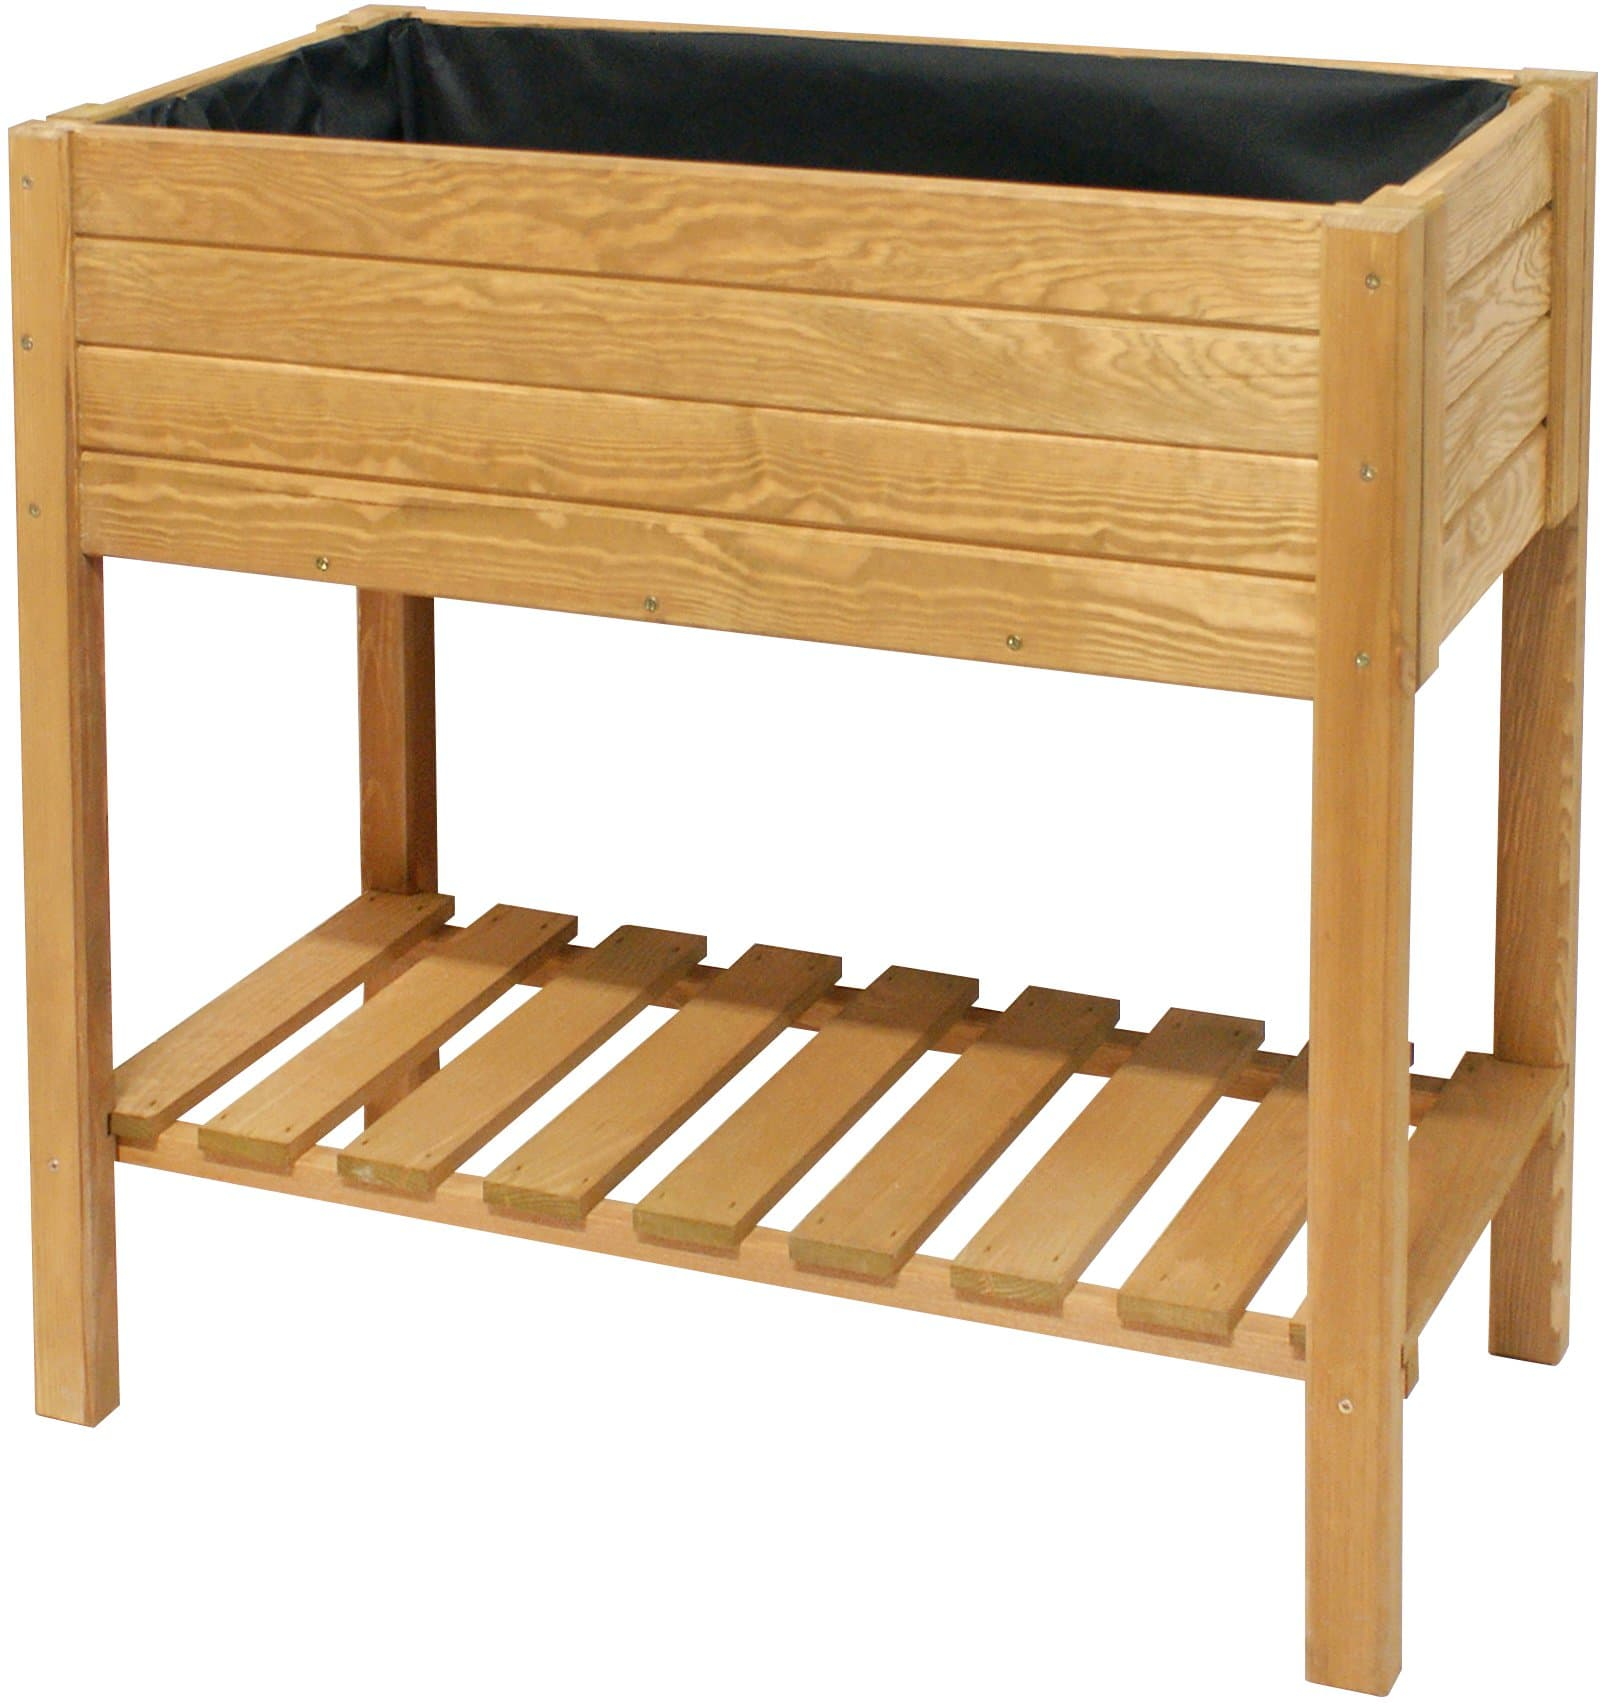 jardini re sur lev e en bois de pin migros. Black Bedroom Furniture Sets. Home Design Ideas